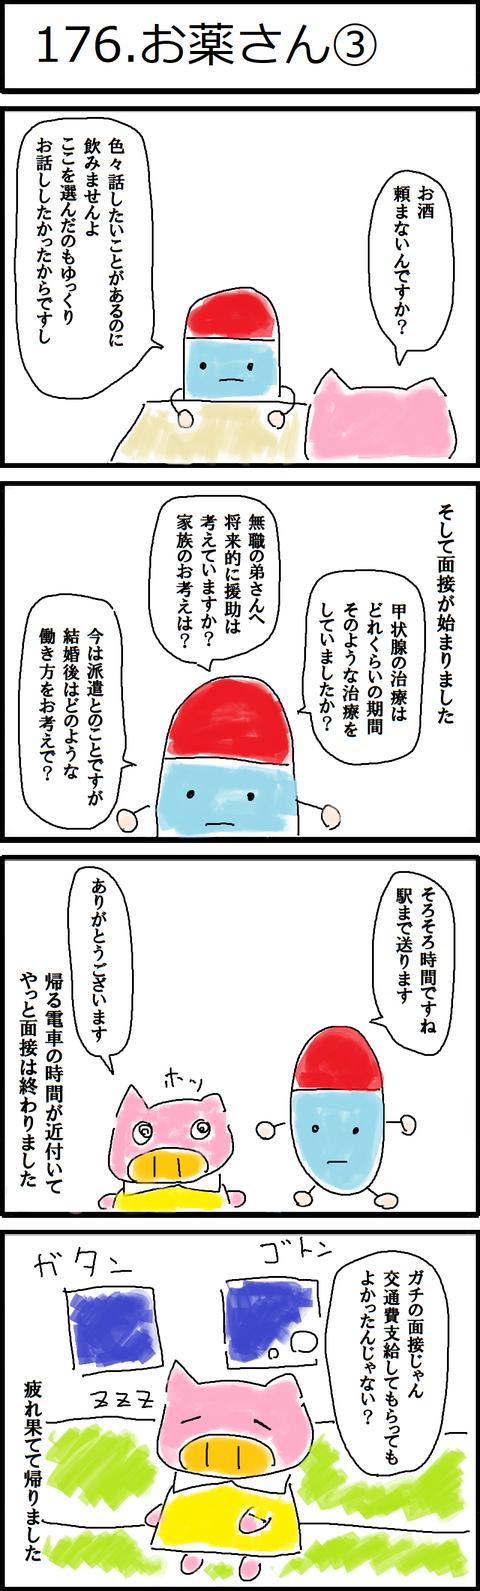 176.お薬さん③